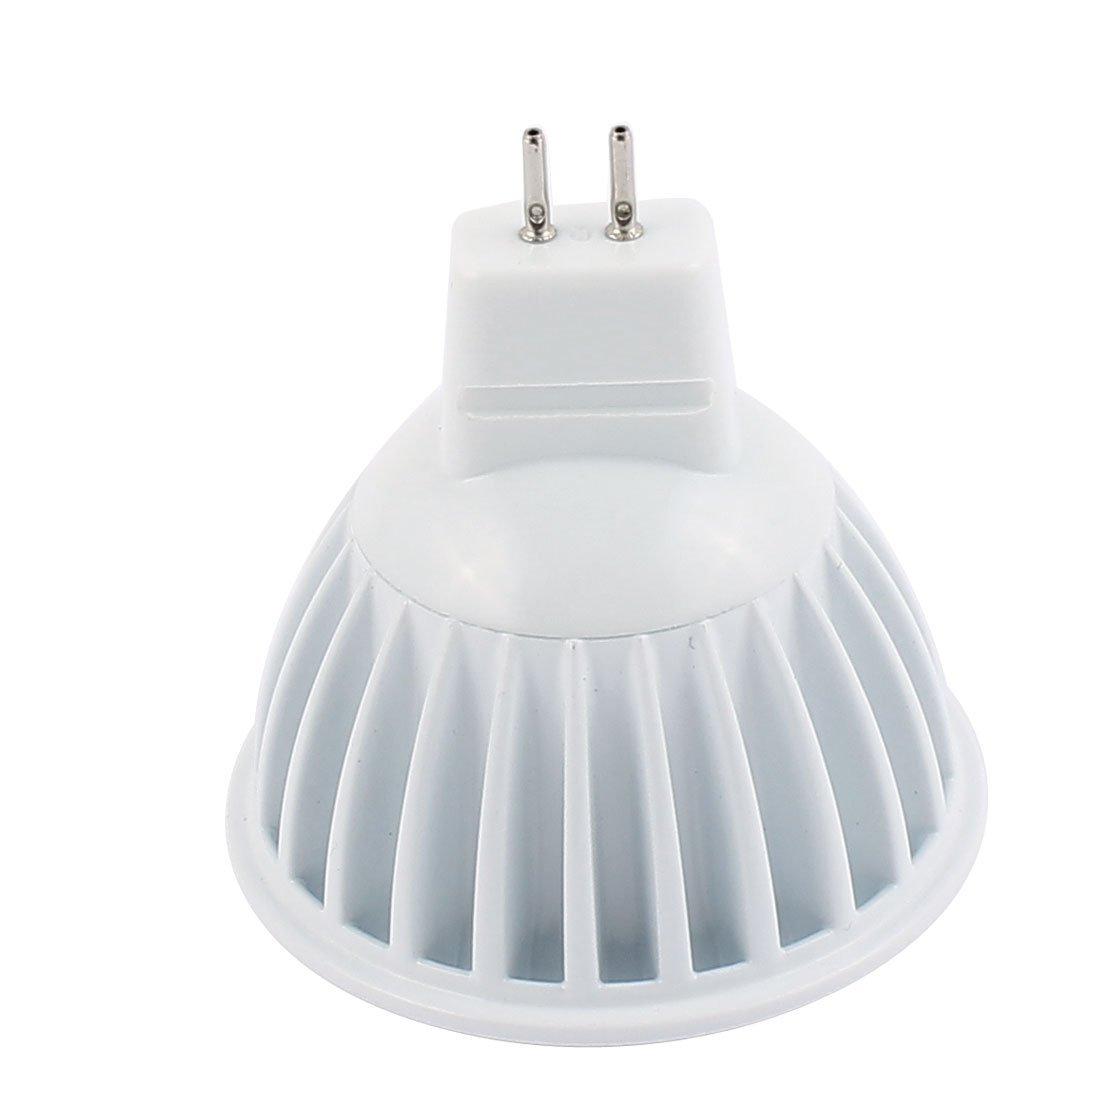 eDealMax DC12V MR16 5W COB Reflector LED bombilla de la lámpara empotrada pura práctica Blanca - - Amazon.com